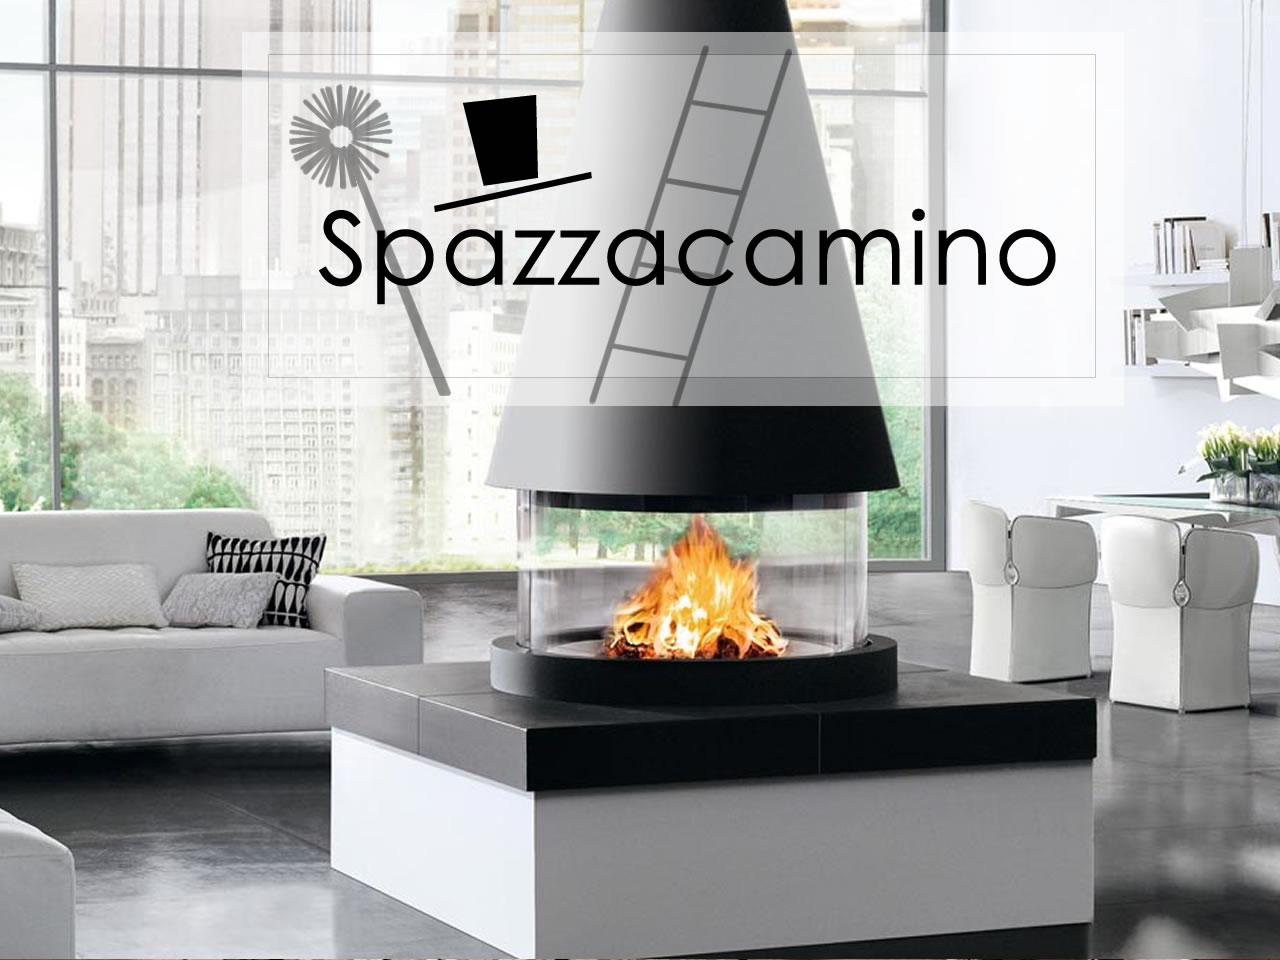 Milano Municipio 3 - Spazzacamino Spazzacamino a Milano Municipio 3